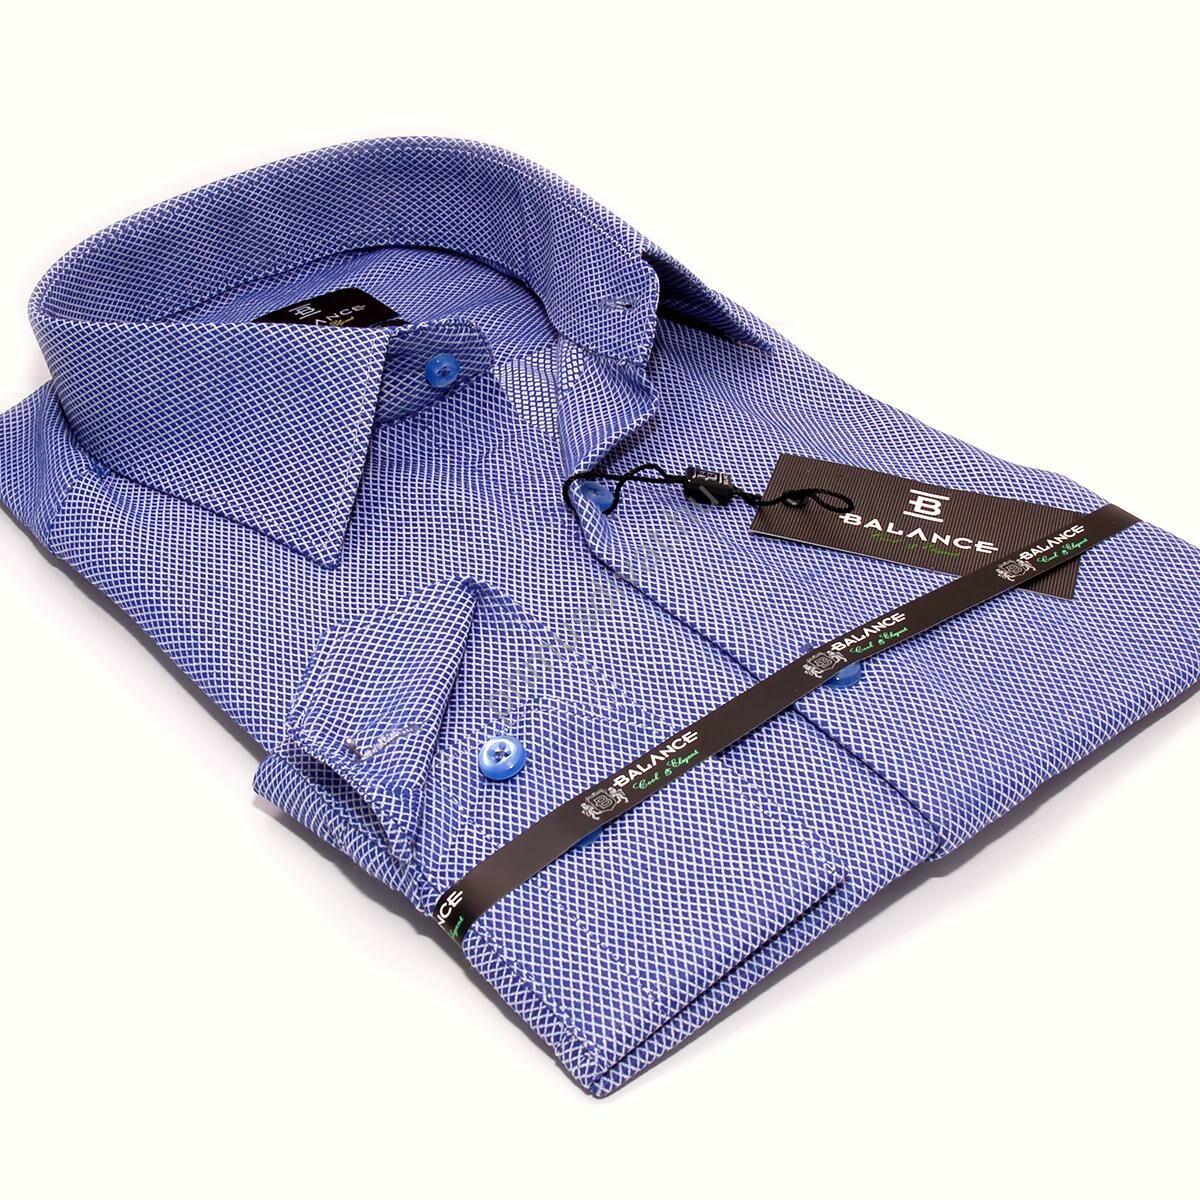 73fd830f82 Kép 1/4 - Balance szövött apró rombusz mintás slim-fit, karcsúsított hosszú  ujjú kék ing